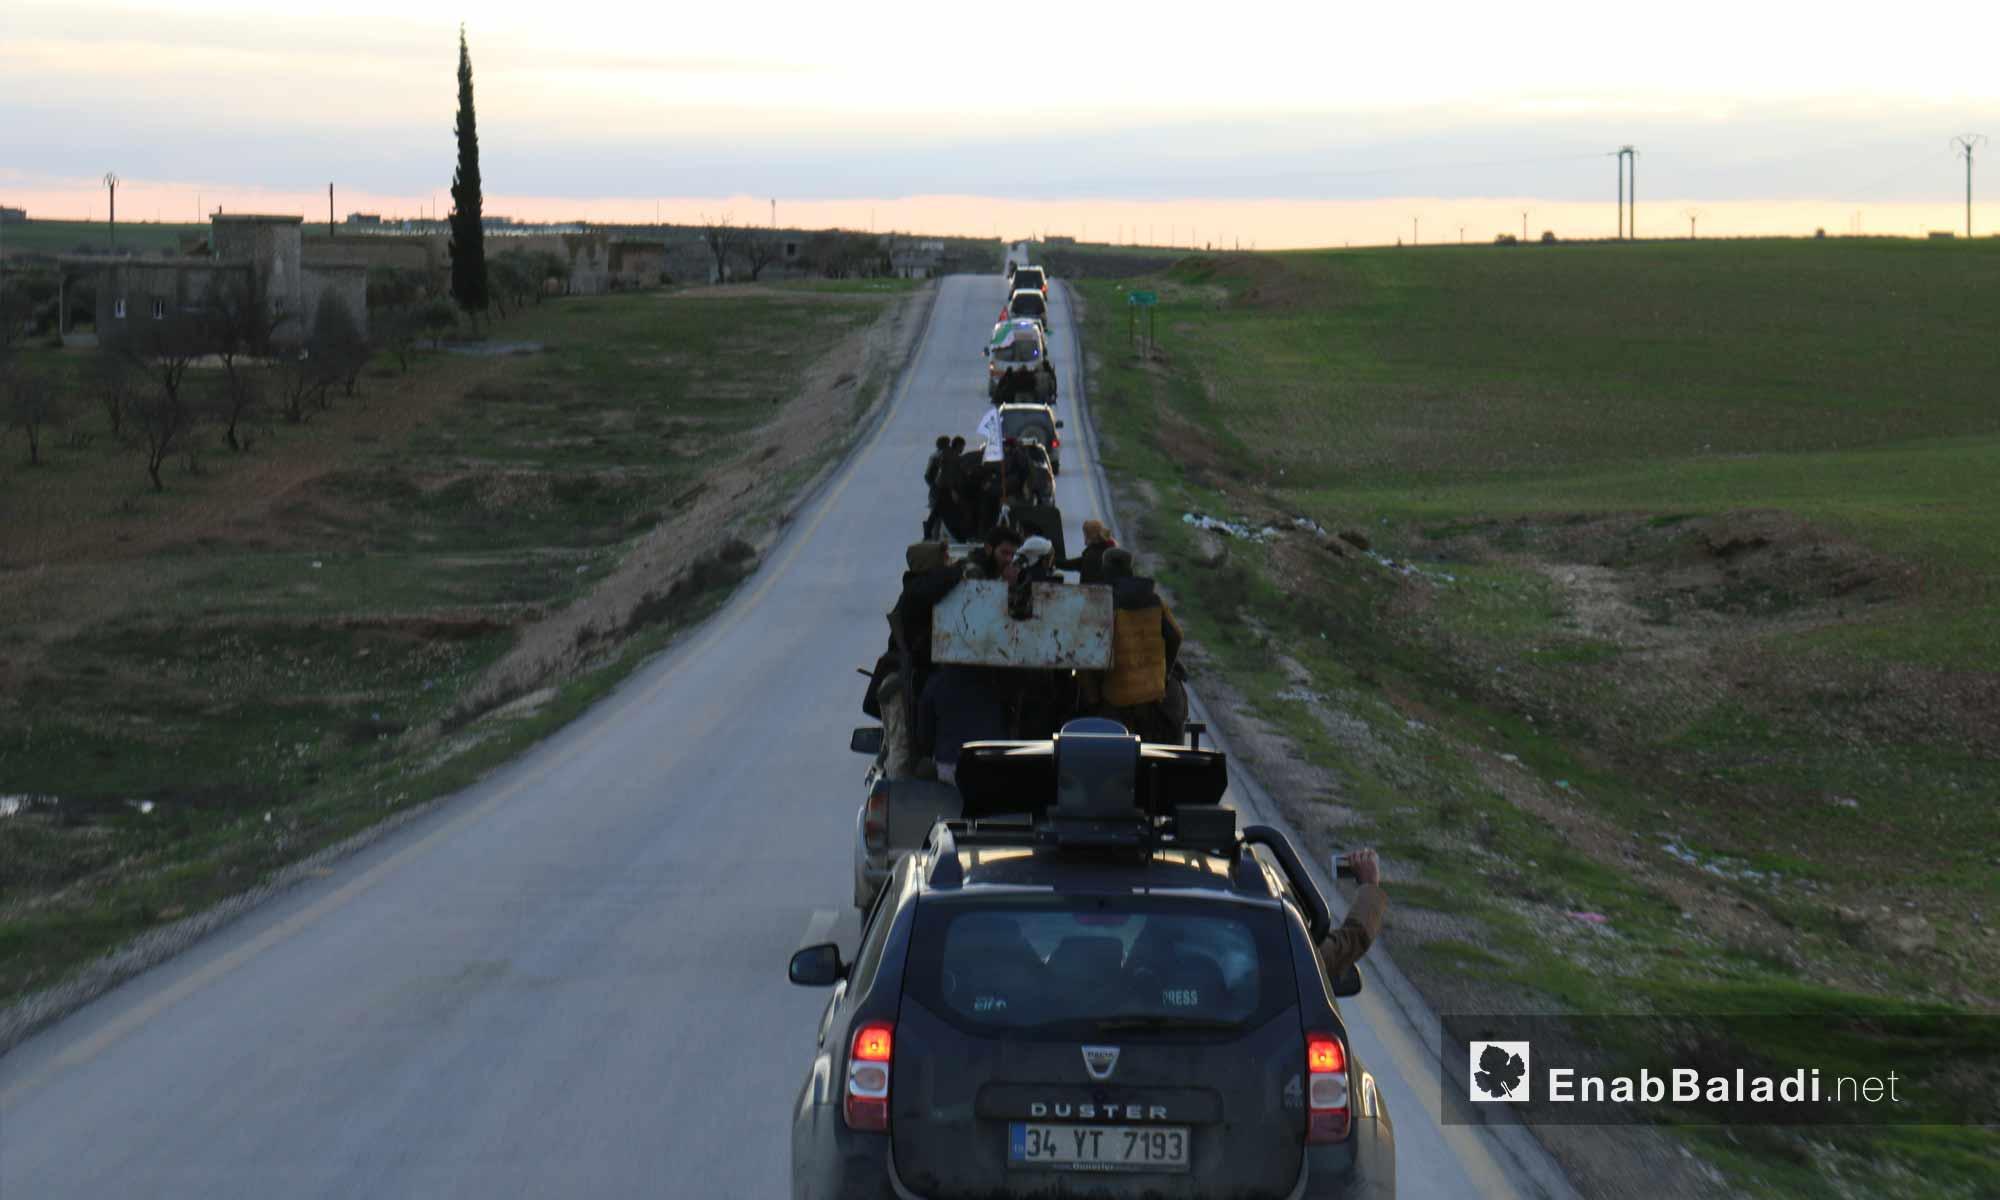 عناصر من الجيش الوطني المدعوم من تركيا على خطوط تماس مدينة منبج - 28 من كانون الأول 2018 (عنب بلدي)